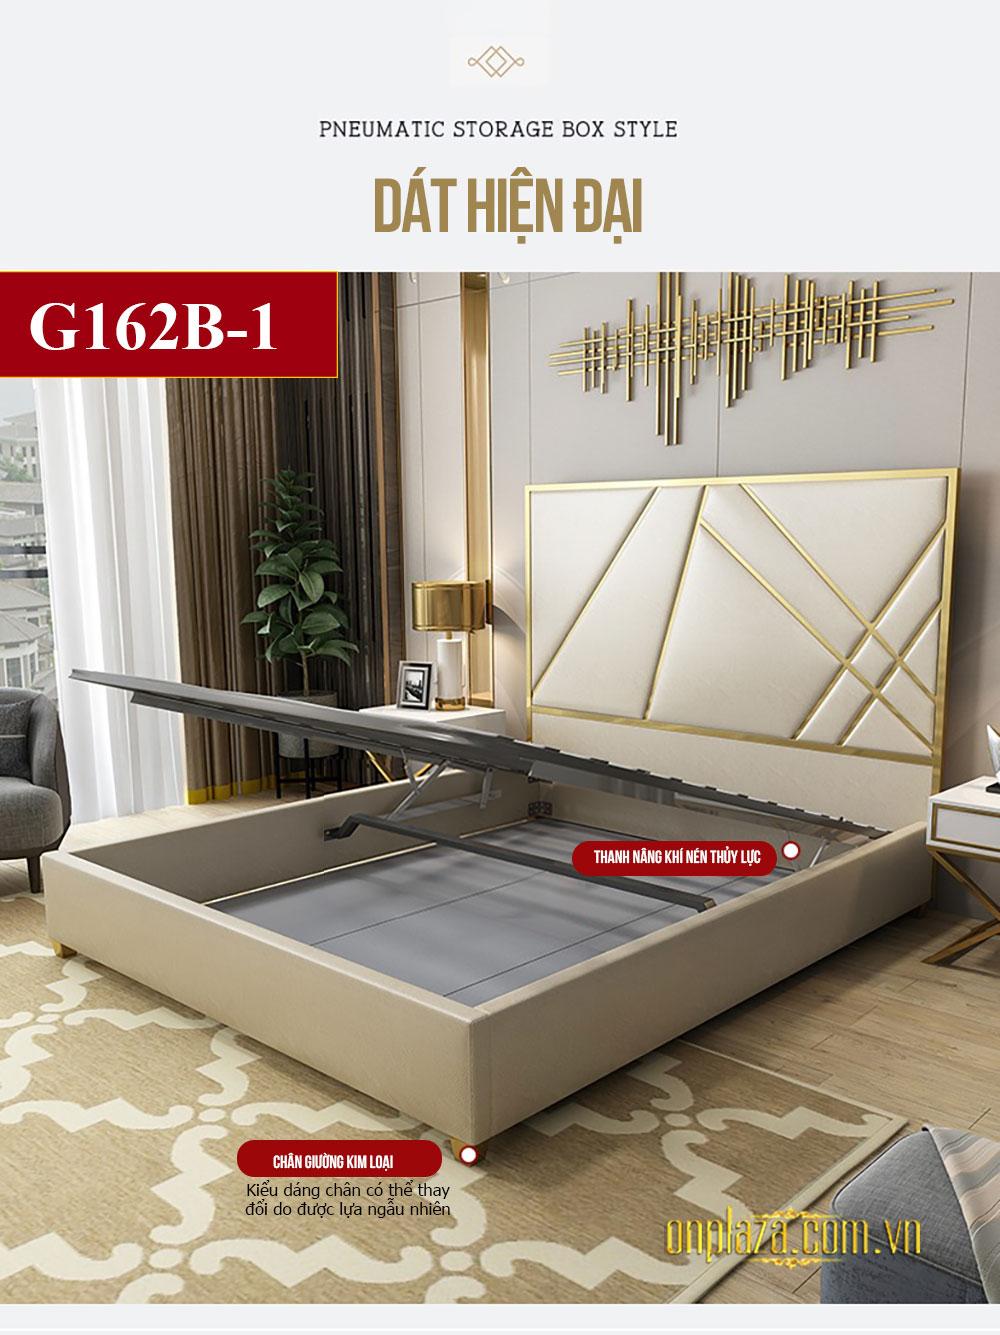 Bộ giường ngủ gỗ tự nhiên bọc da phối kim loại tinh tế phong cách thời trang hiện đại G162